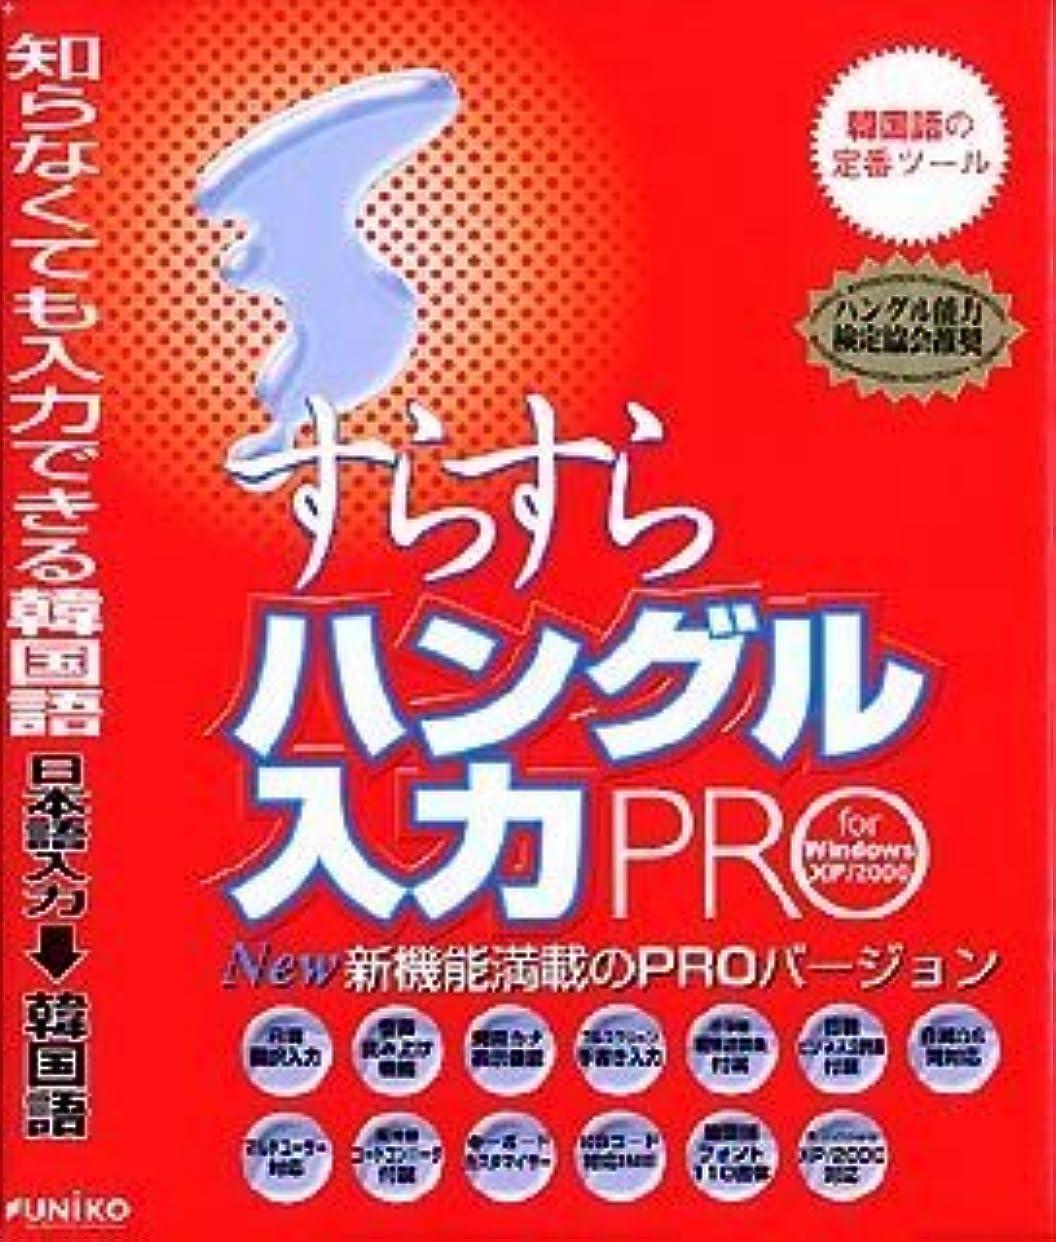 メロンドア最初にすらすらハングル入力 PRO for Windows XP/2000